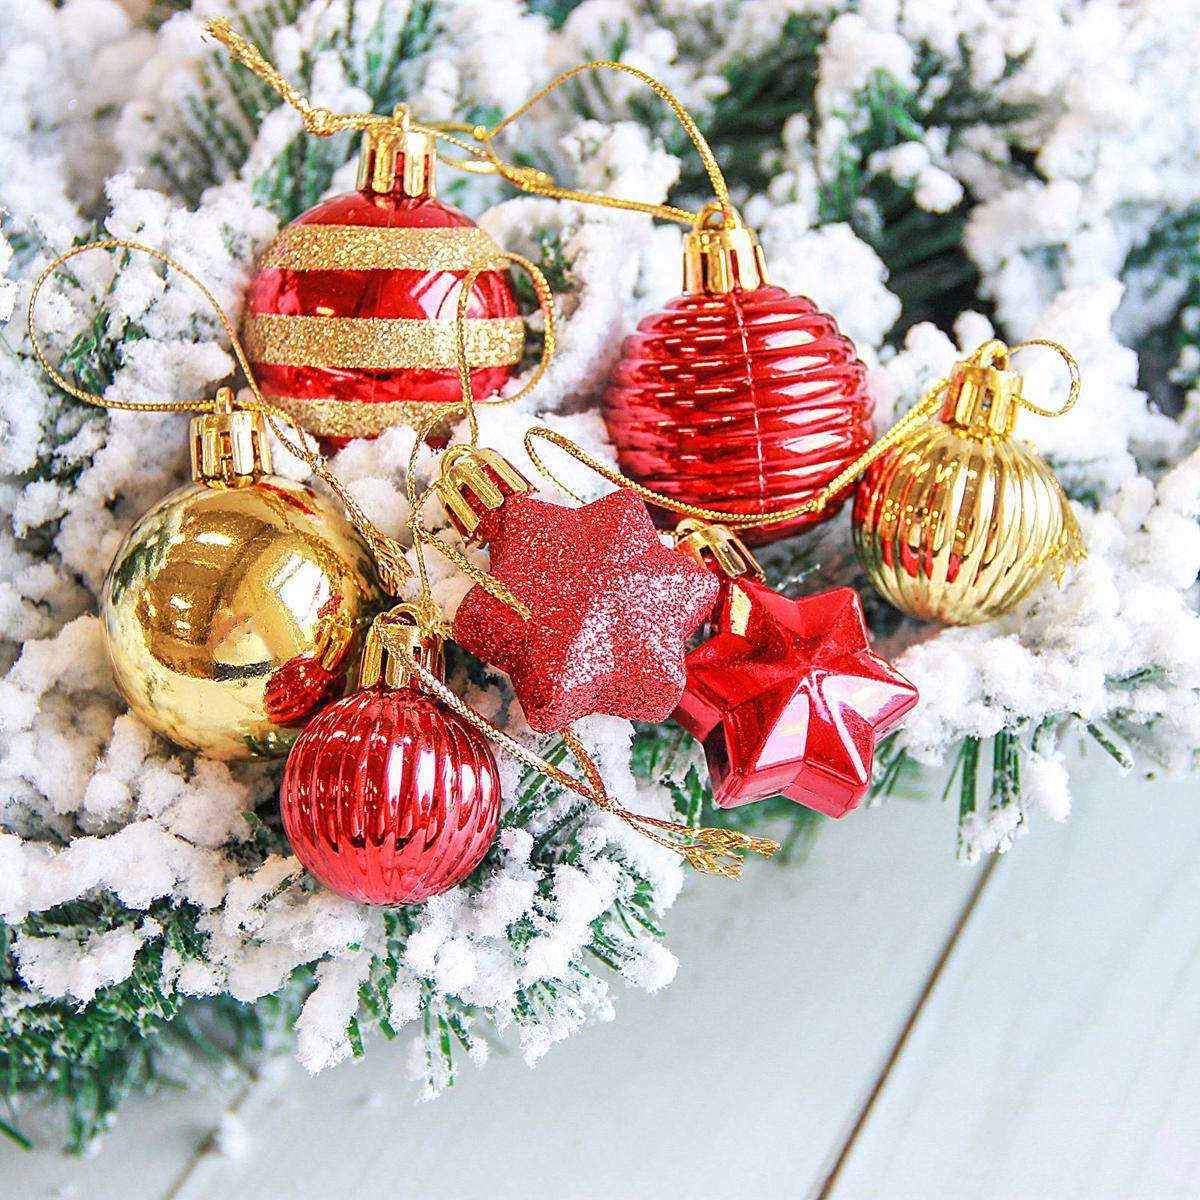 Набор новогодних подвесных украшений Sima-land Серпантин, цвет: красный, 21 шт2122893Набор новогодних подвесных украшений Sima-land отлично подойдет для декорации вашего дома и новогодней ели. С помощью специальной петельки украшение можно повесить в любом понравившемся вам месте. Но, конечно, удачнее всего оно будет смотреться на праздничной елке. Елочная игрушка - символ Нового года. Она несет в себе волшебство и красоту праздника. Создайте в своем доме атмосферу веселья и радости, украшая новогоднюю елку нарядными игрушками, которые будут из года в год накапливать теплоту воспоминаний.